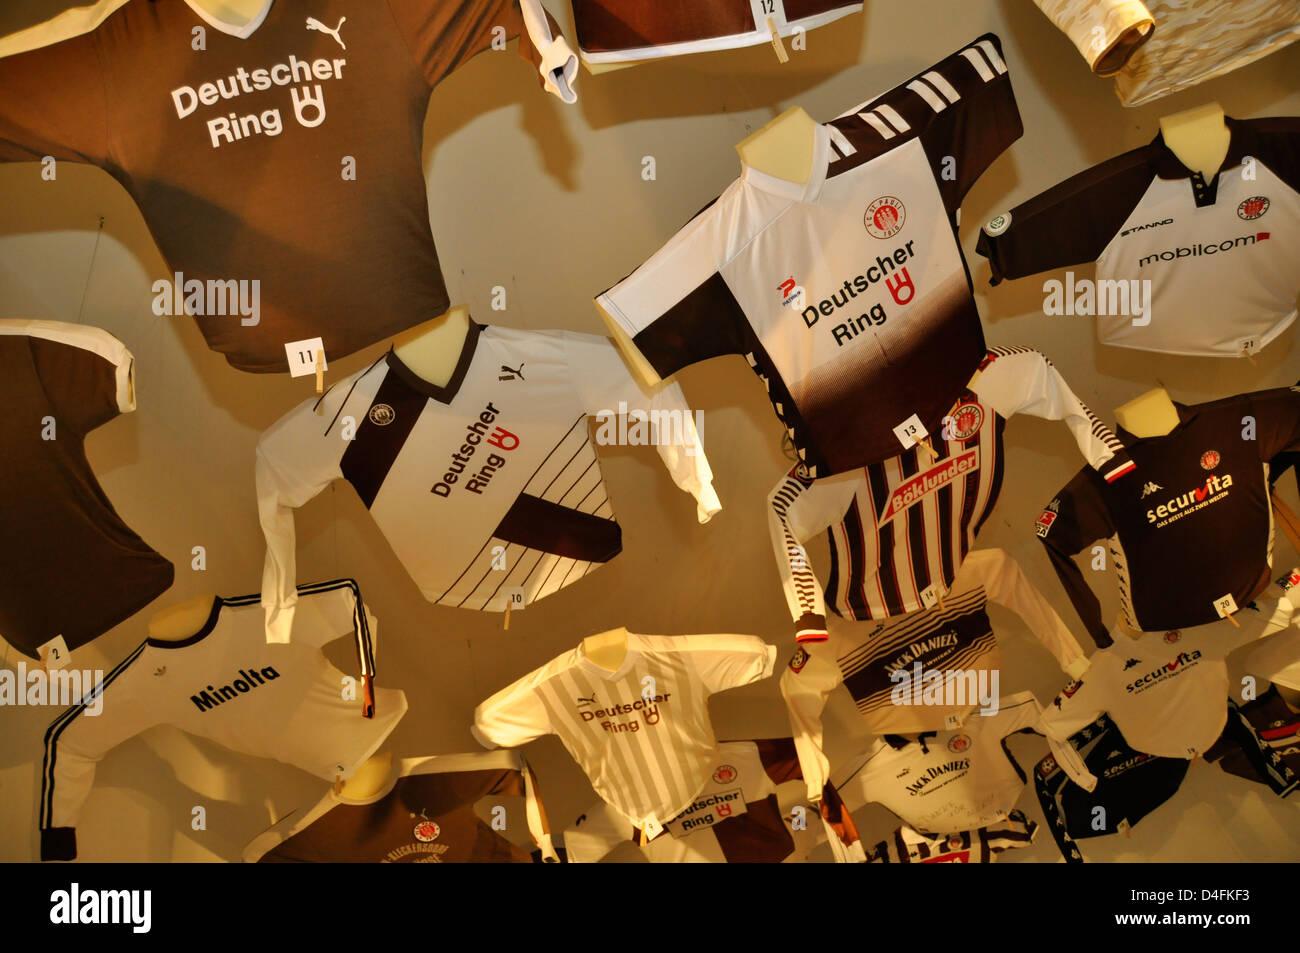 Ausstellung Südtribüne FC St. Pauli, Hamburg, Deutschland. Nur redaktionelle Verwendung. - Stock Image